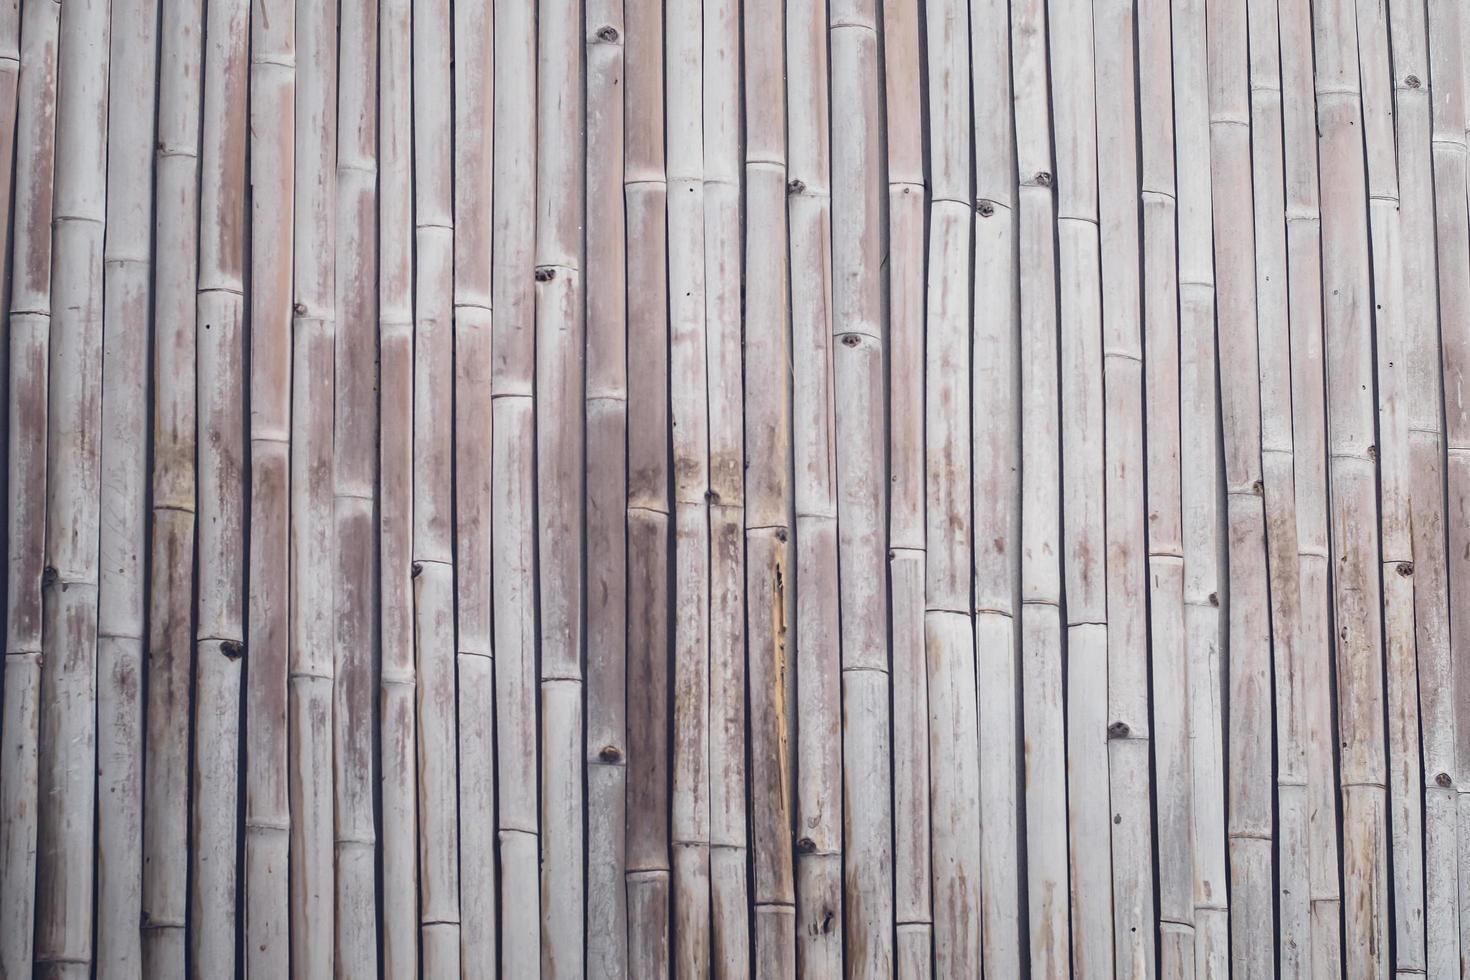 Textura de cerca de tablón de bambú de tono marrón antiguo para el fondo. Cerca de madera de bambú antiguo decorativo de fondo de pared de valla foto